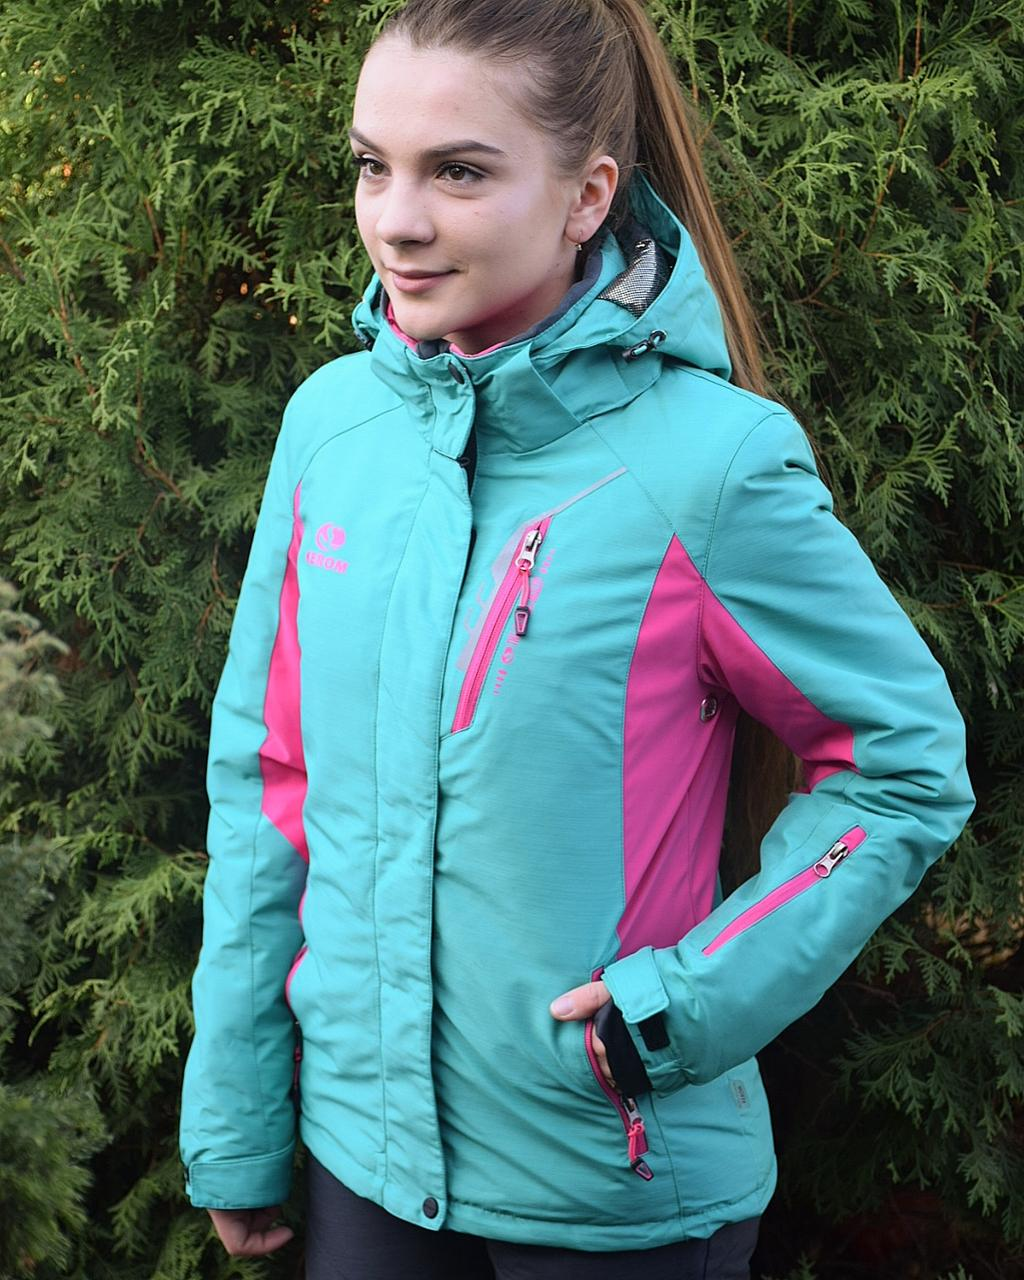 Женский горнолыжный костюм.